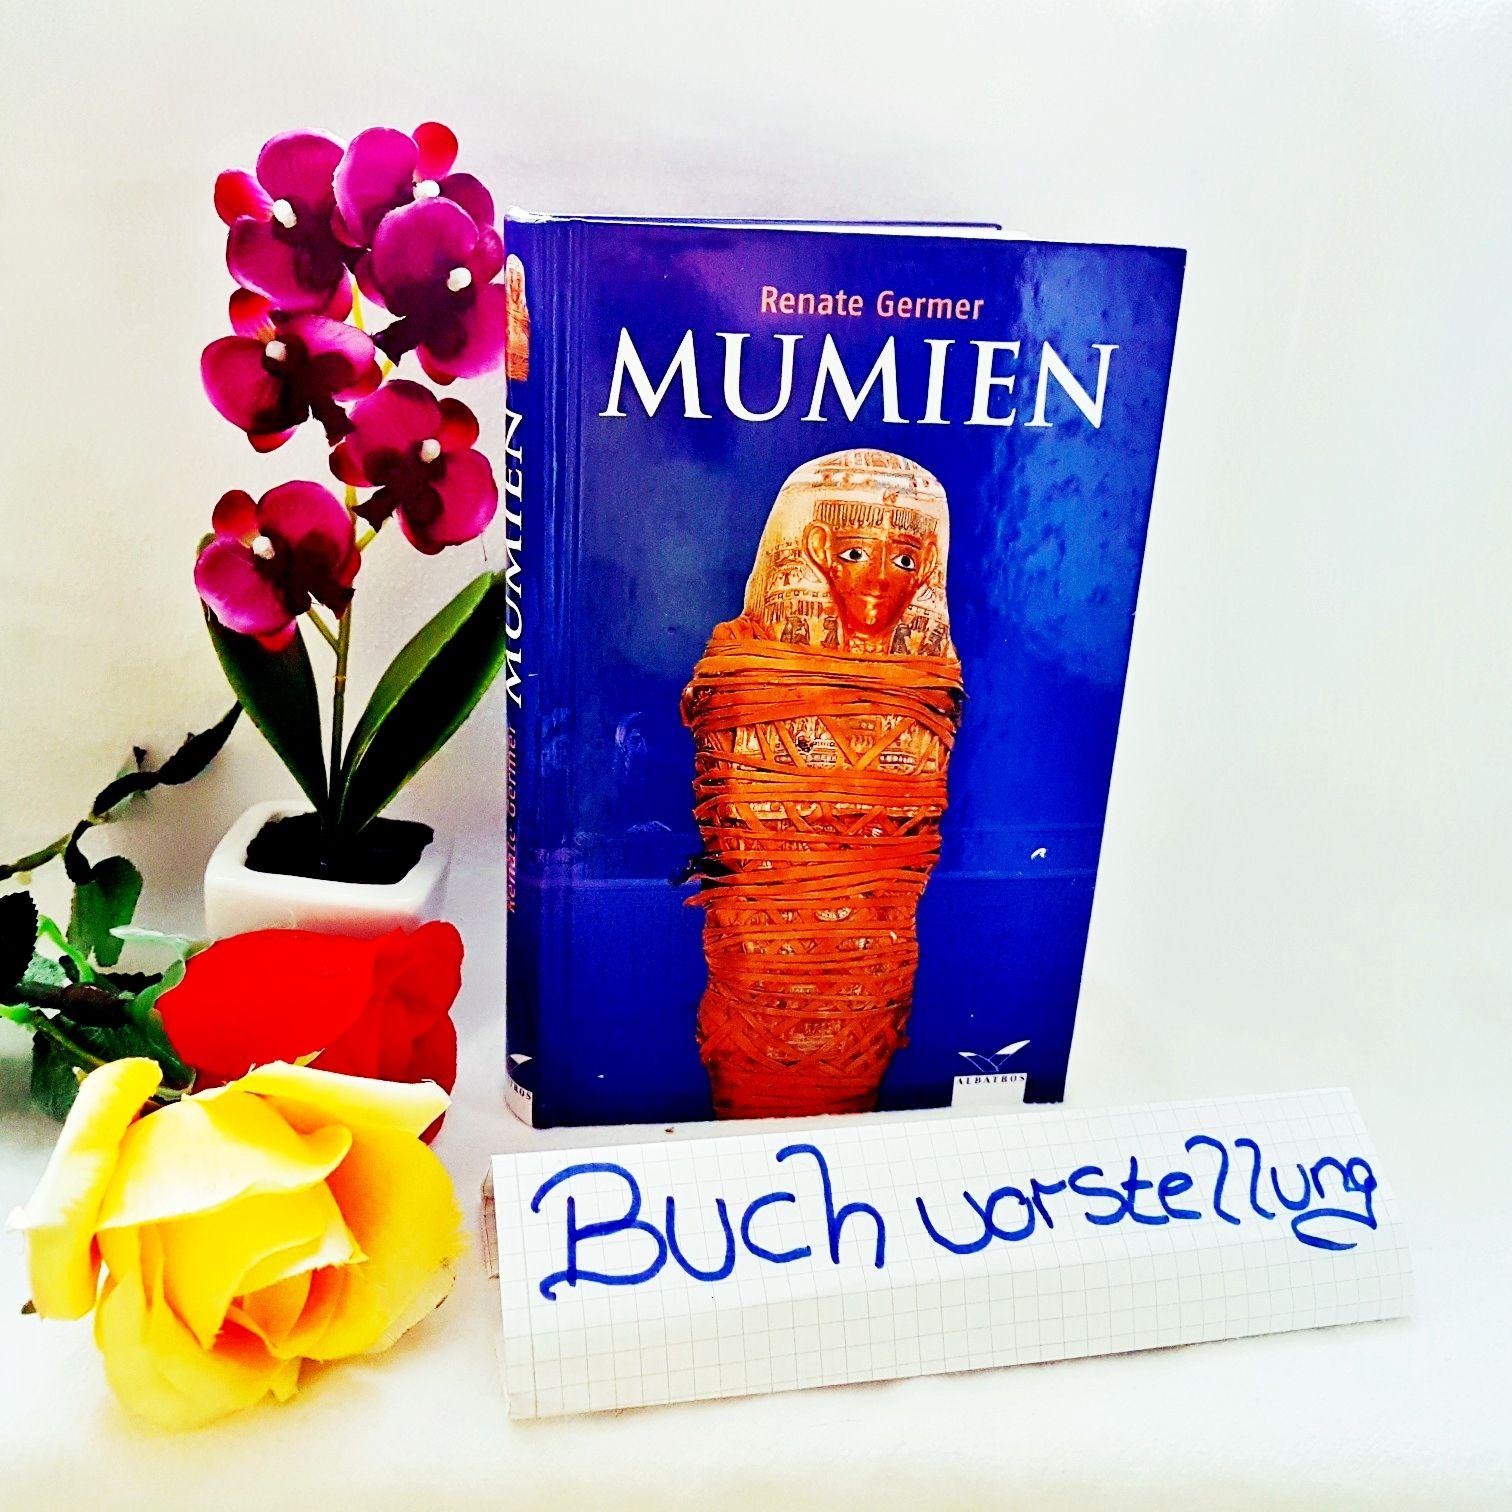 Mumien von Renate Germer